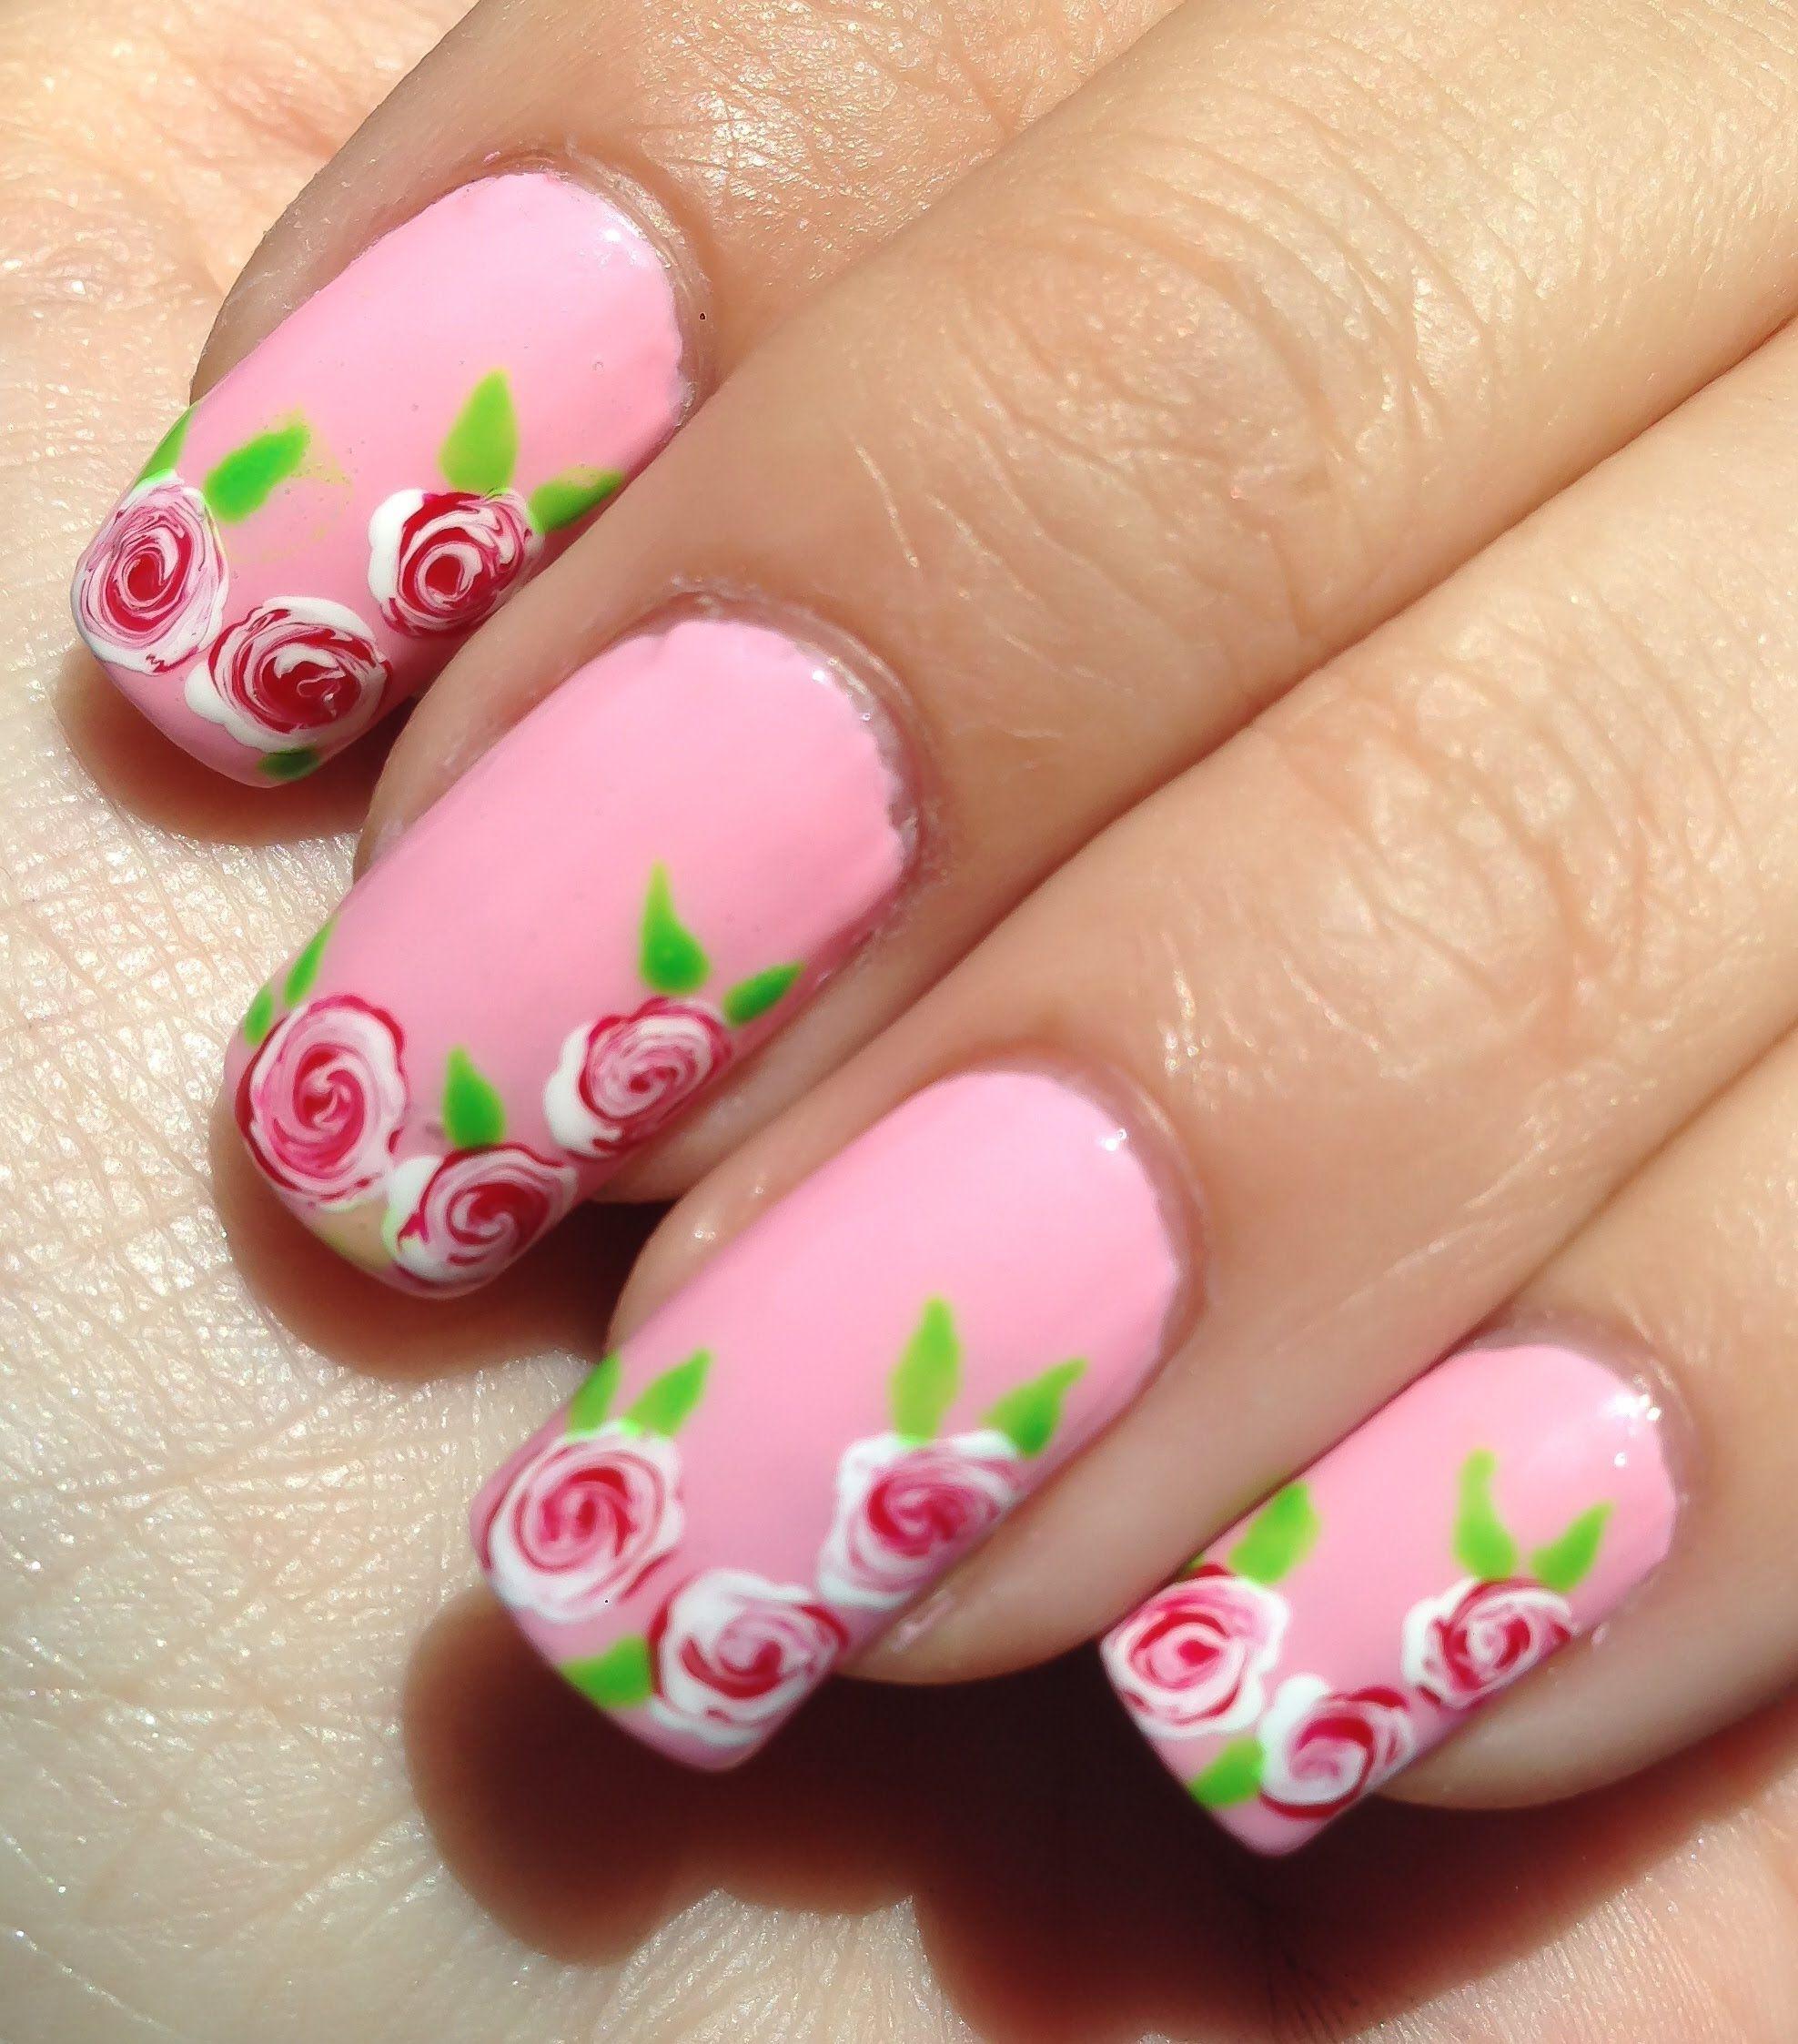 Facil diseño de uñas con rosas blancas y rojas | uñas | Pinterest ...